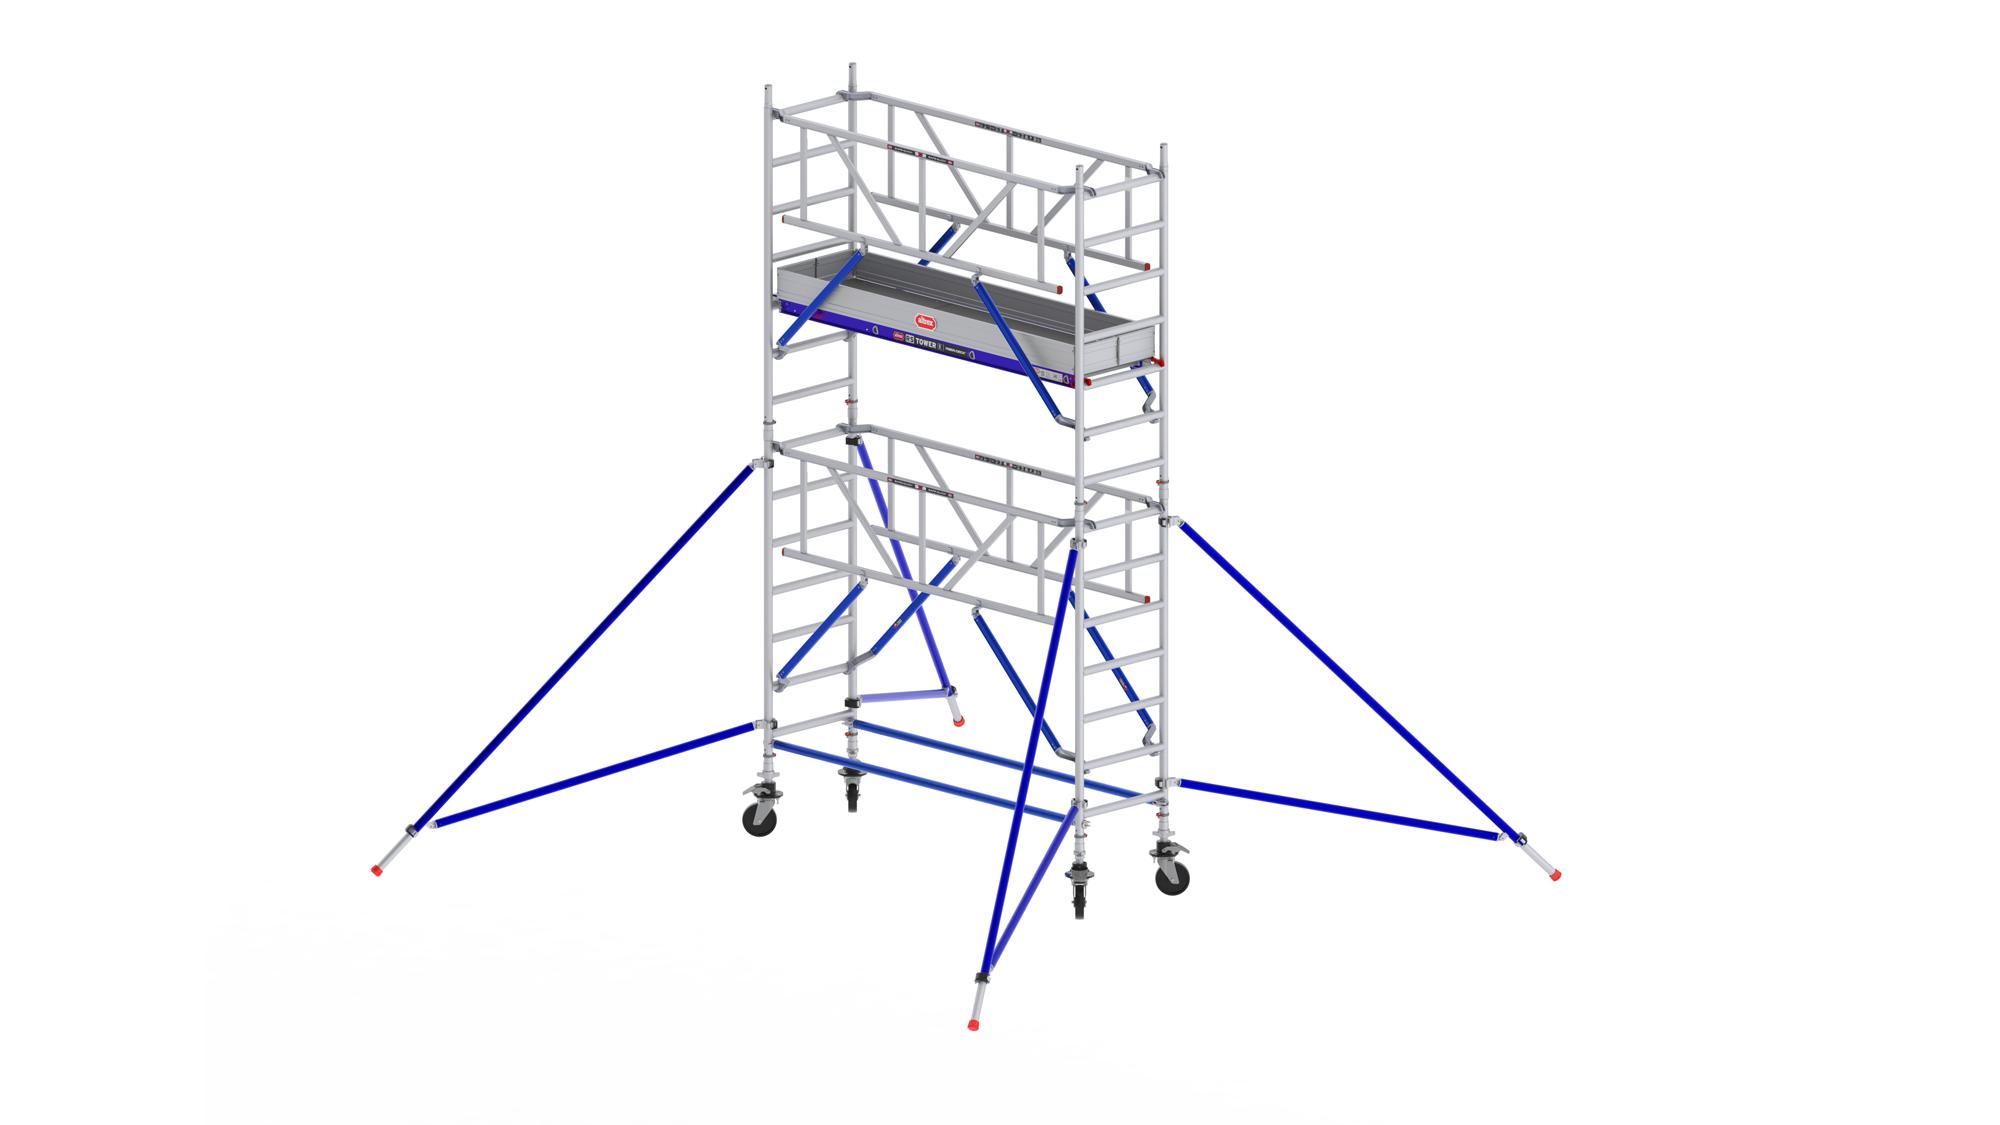 62000017-rolsteiger-smal-vloer-520